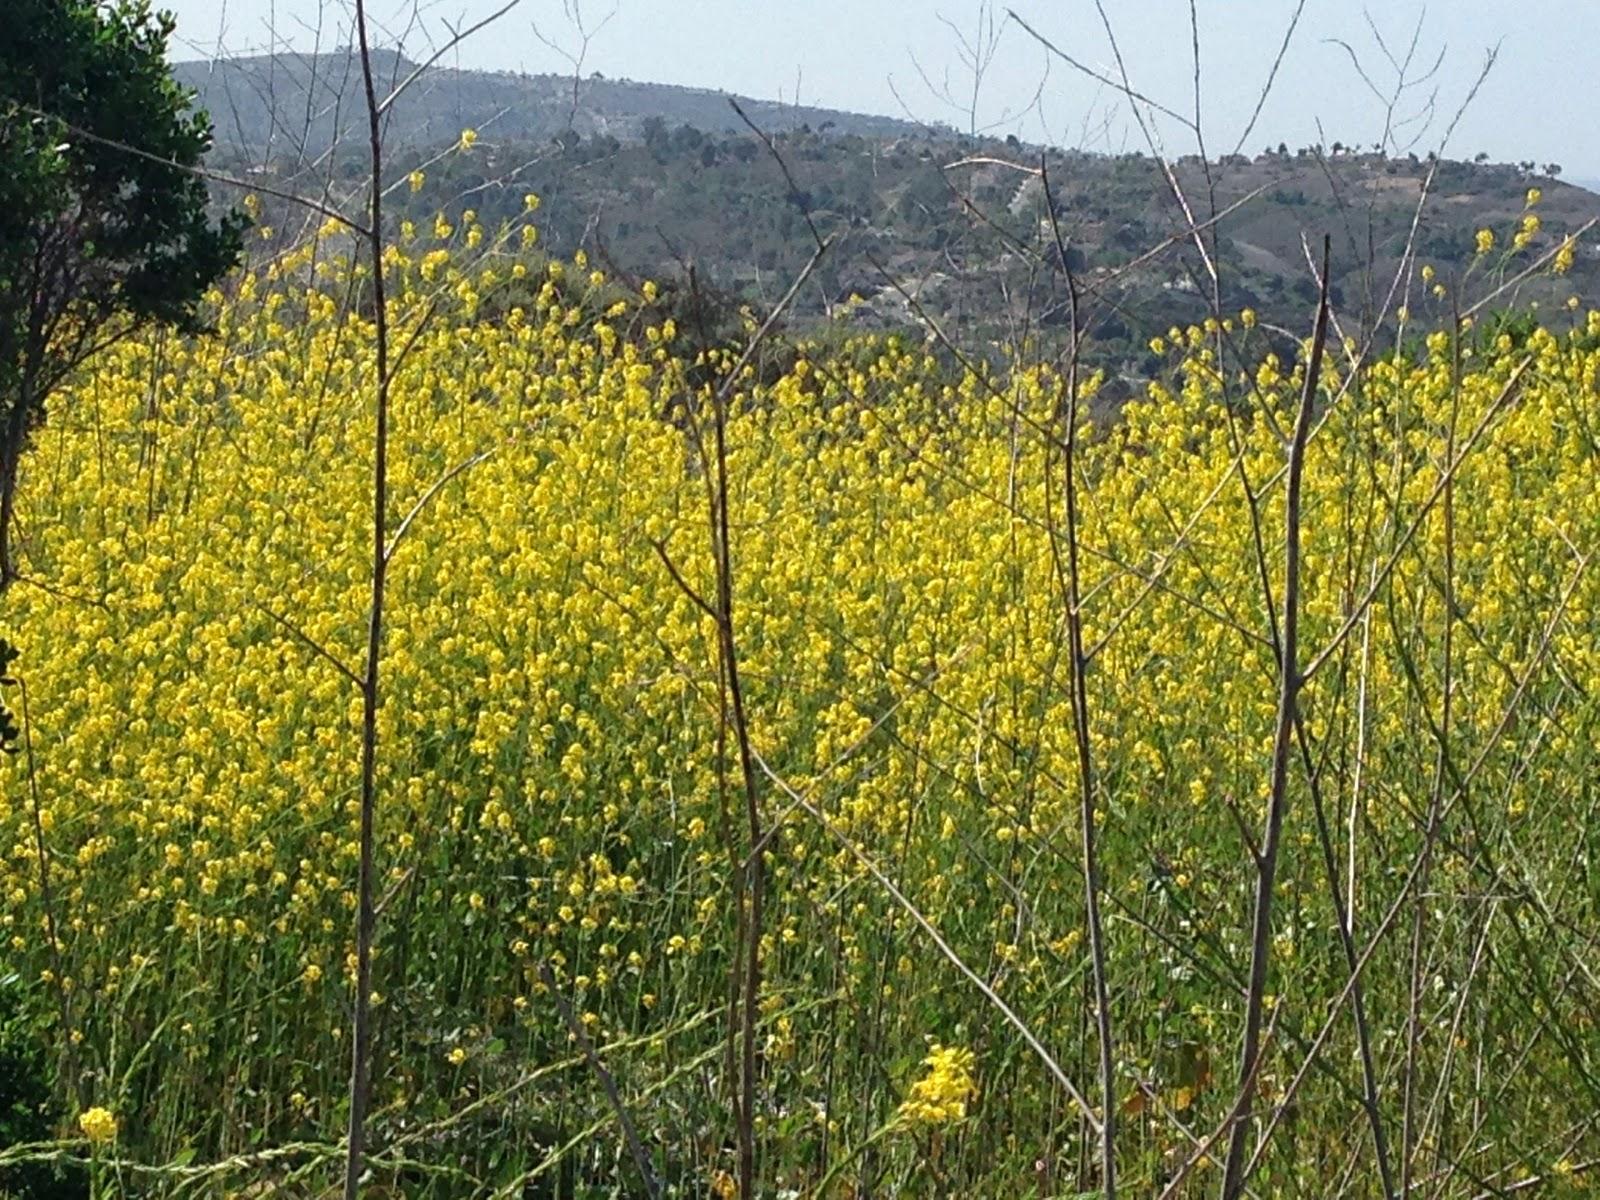 Trailside Mustard San Juan Capistrano